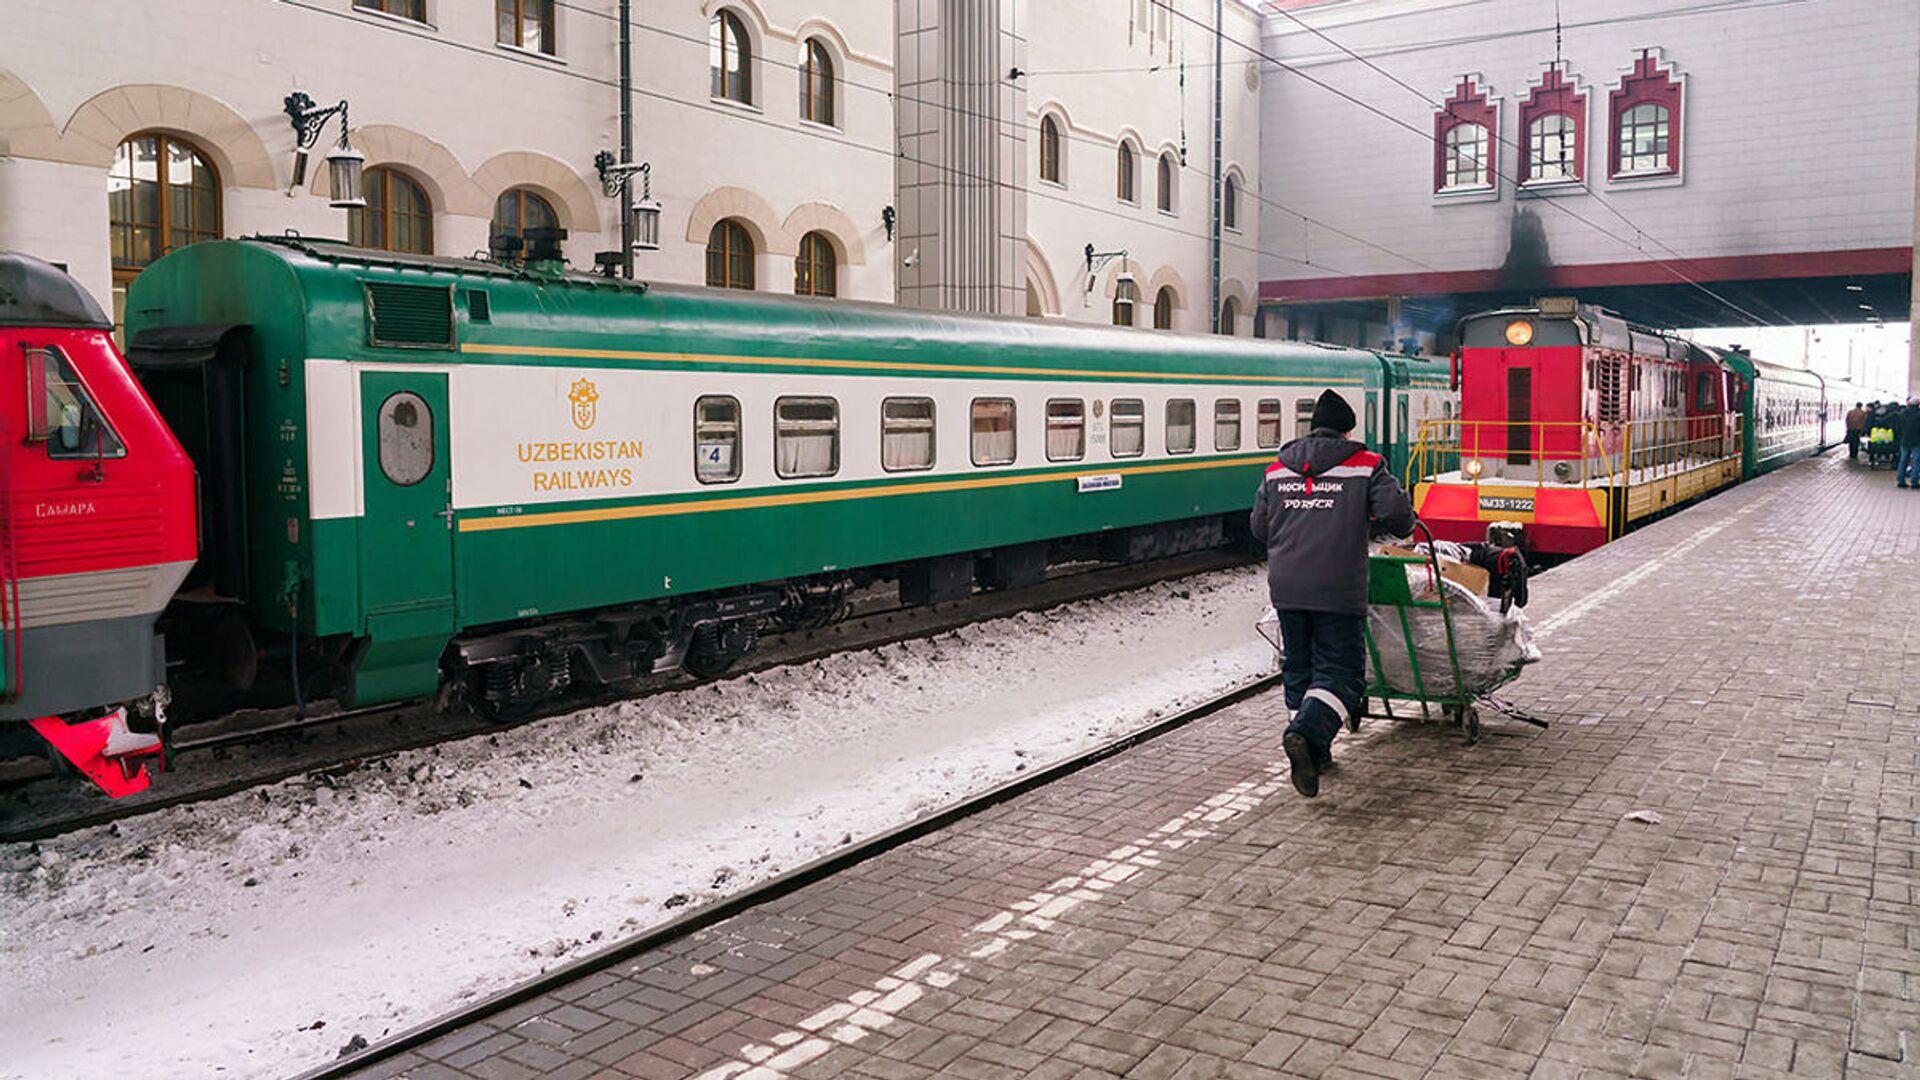 Поезд из Узбекистана на железнодорожном вокзале в Москве - Sputnik Ўзбекистон, 1920, 02.09.2021